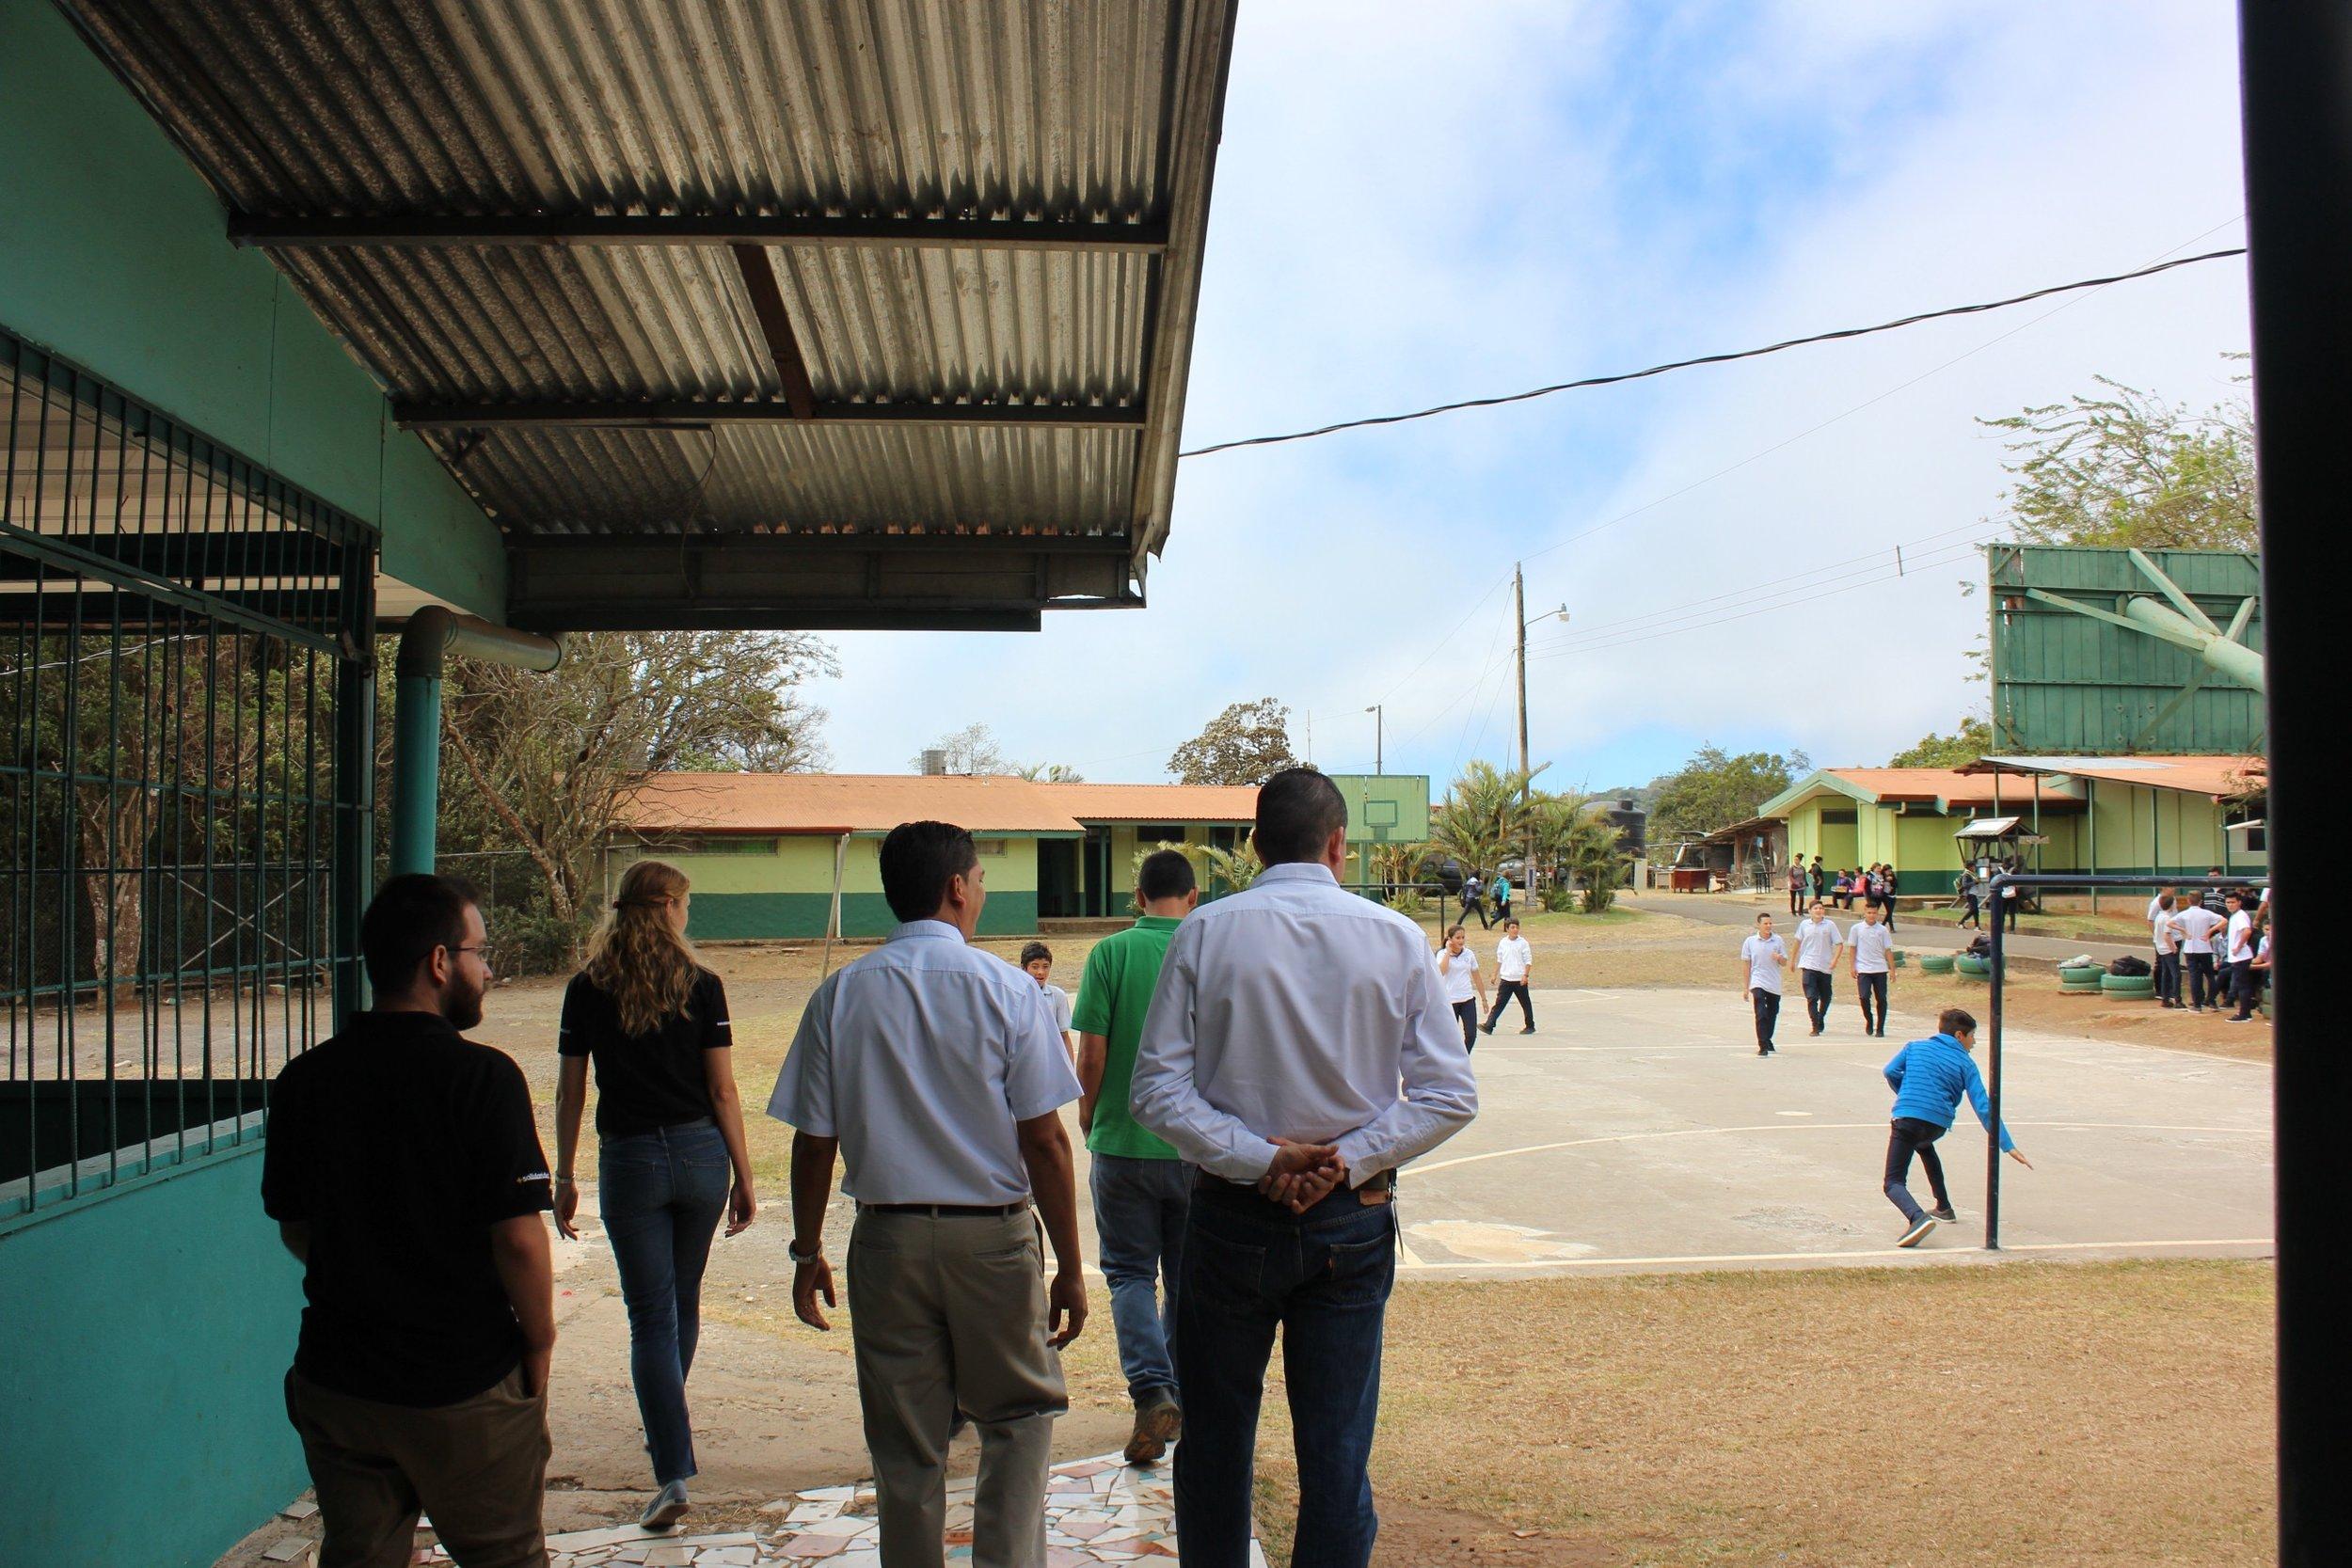 IMG_4802-tour y estudiantes jugando futbol.jpg